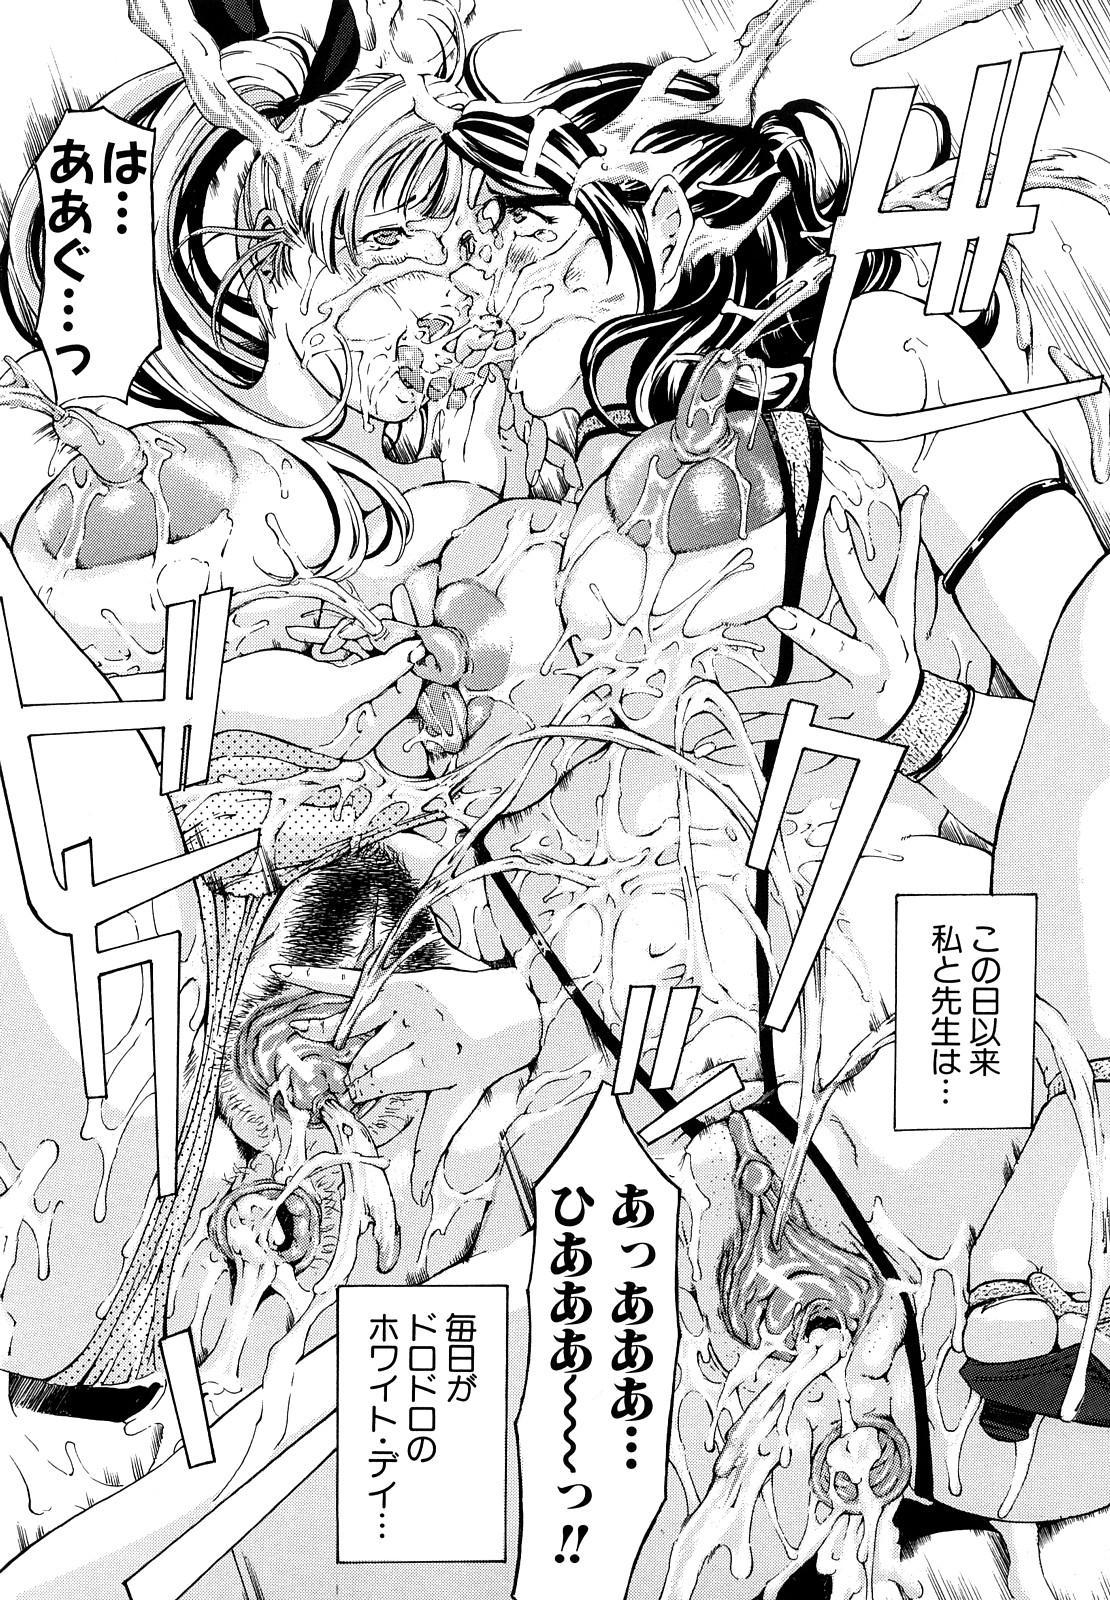 Jusei Tekireiki - Age Suitable For Fertilization 123